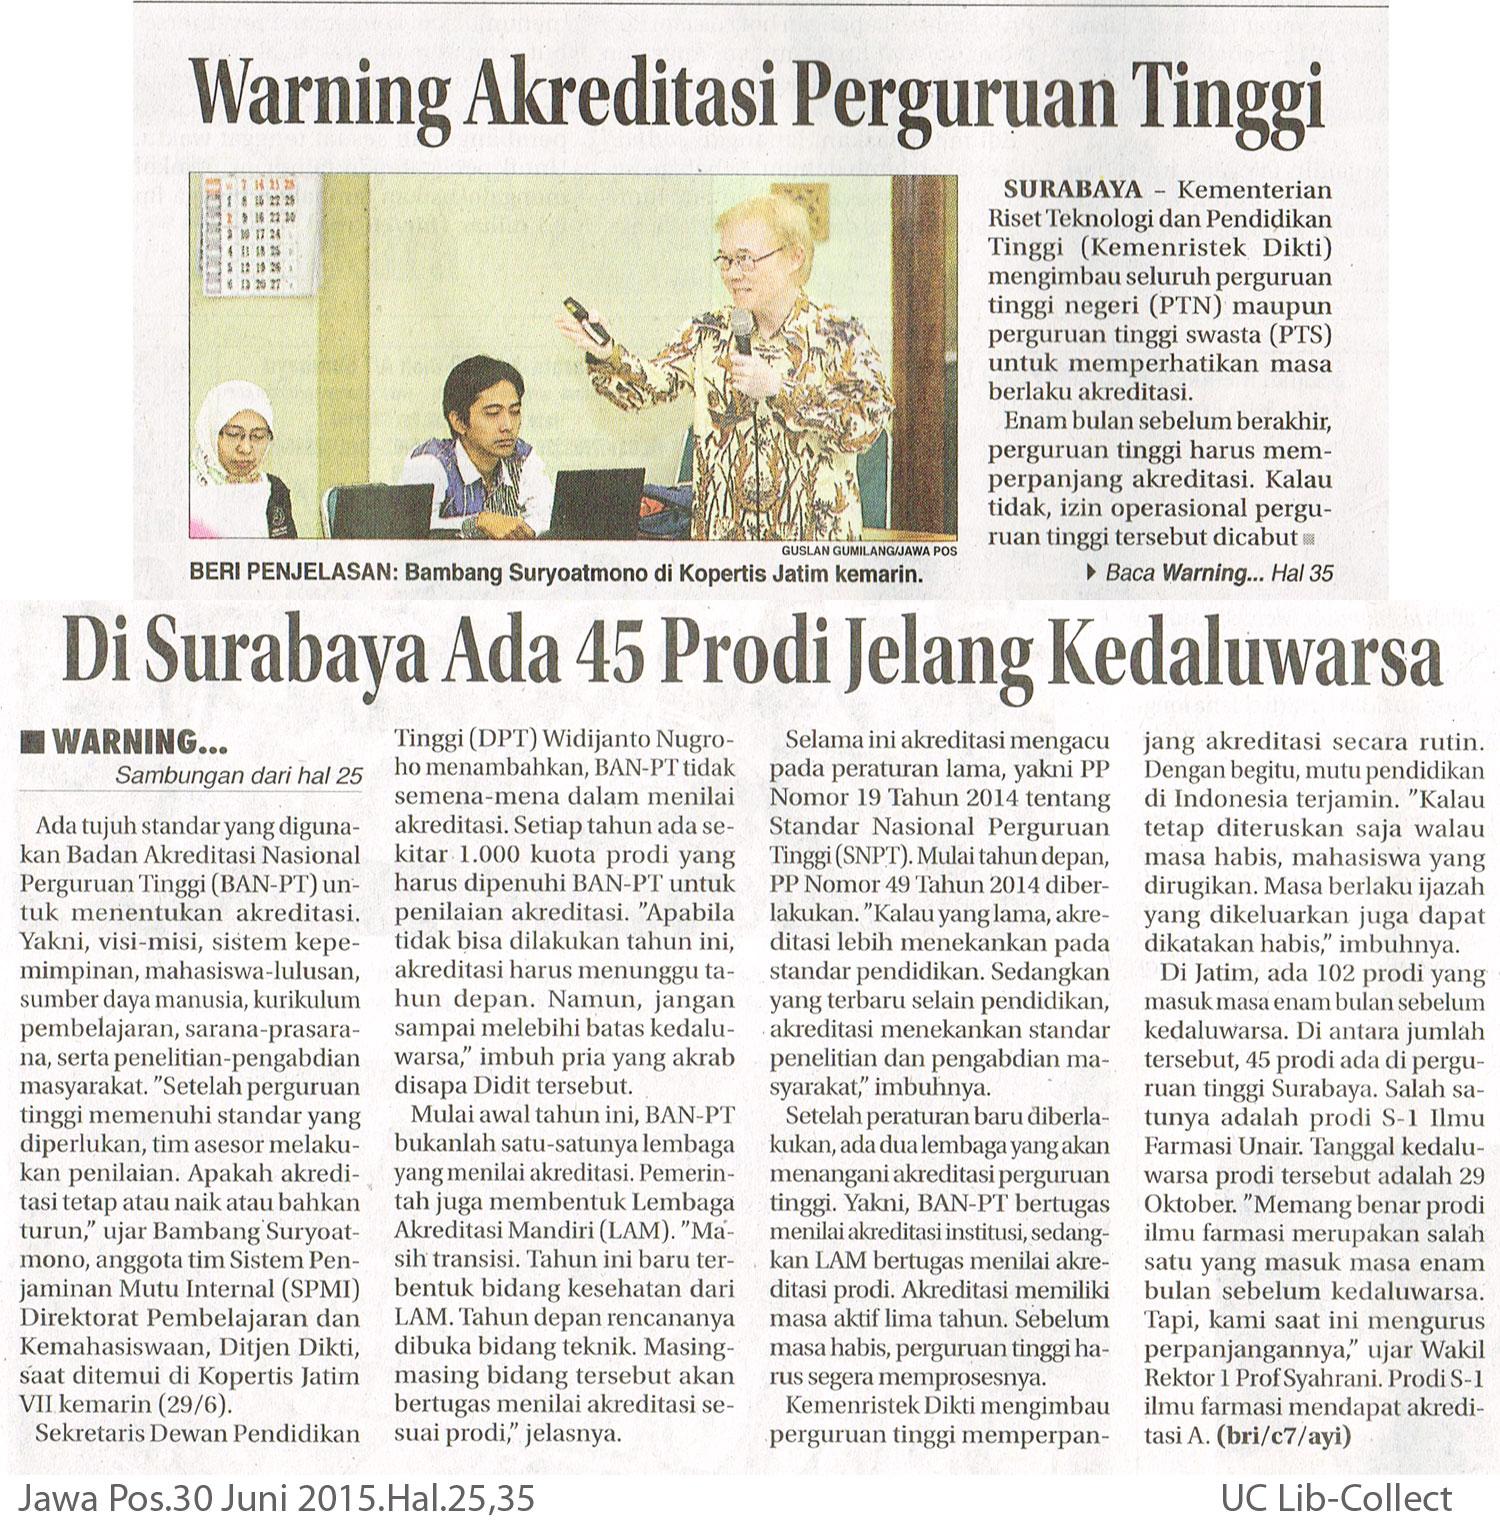 Warning-Akreditasi-Perguruan-Tinggi.-Jawa-Pos.30-Juni-2015.Hal.25,35